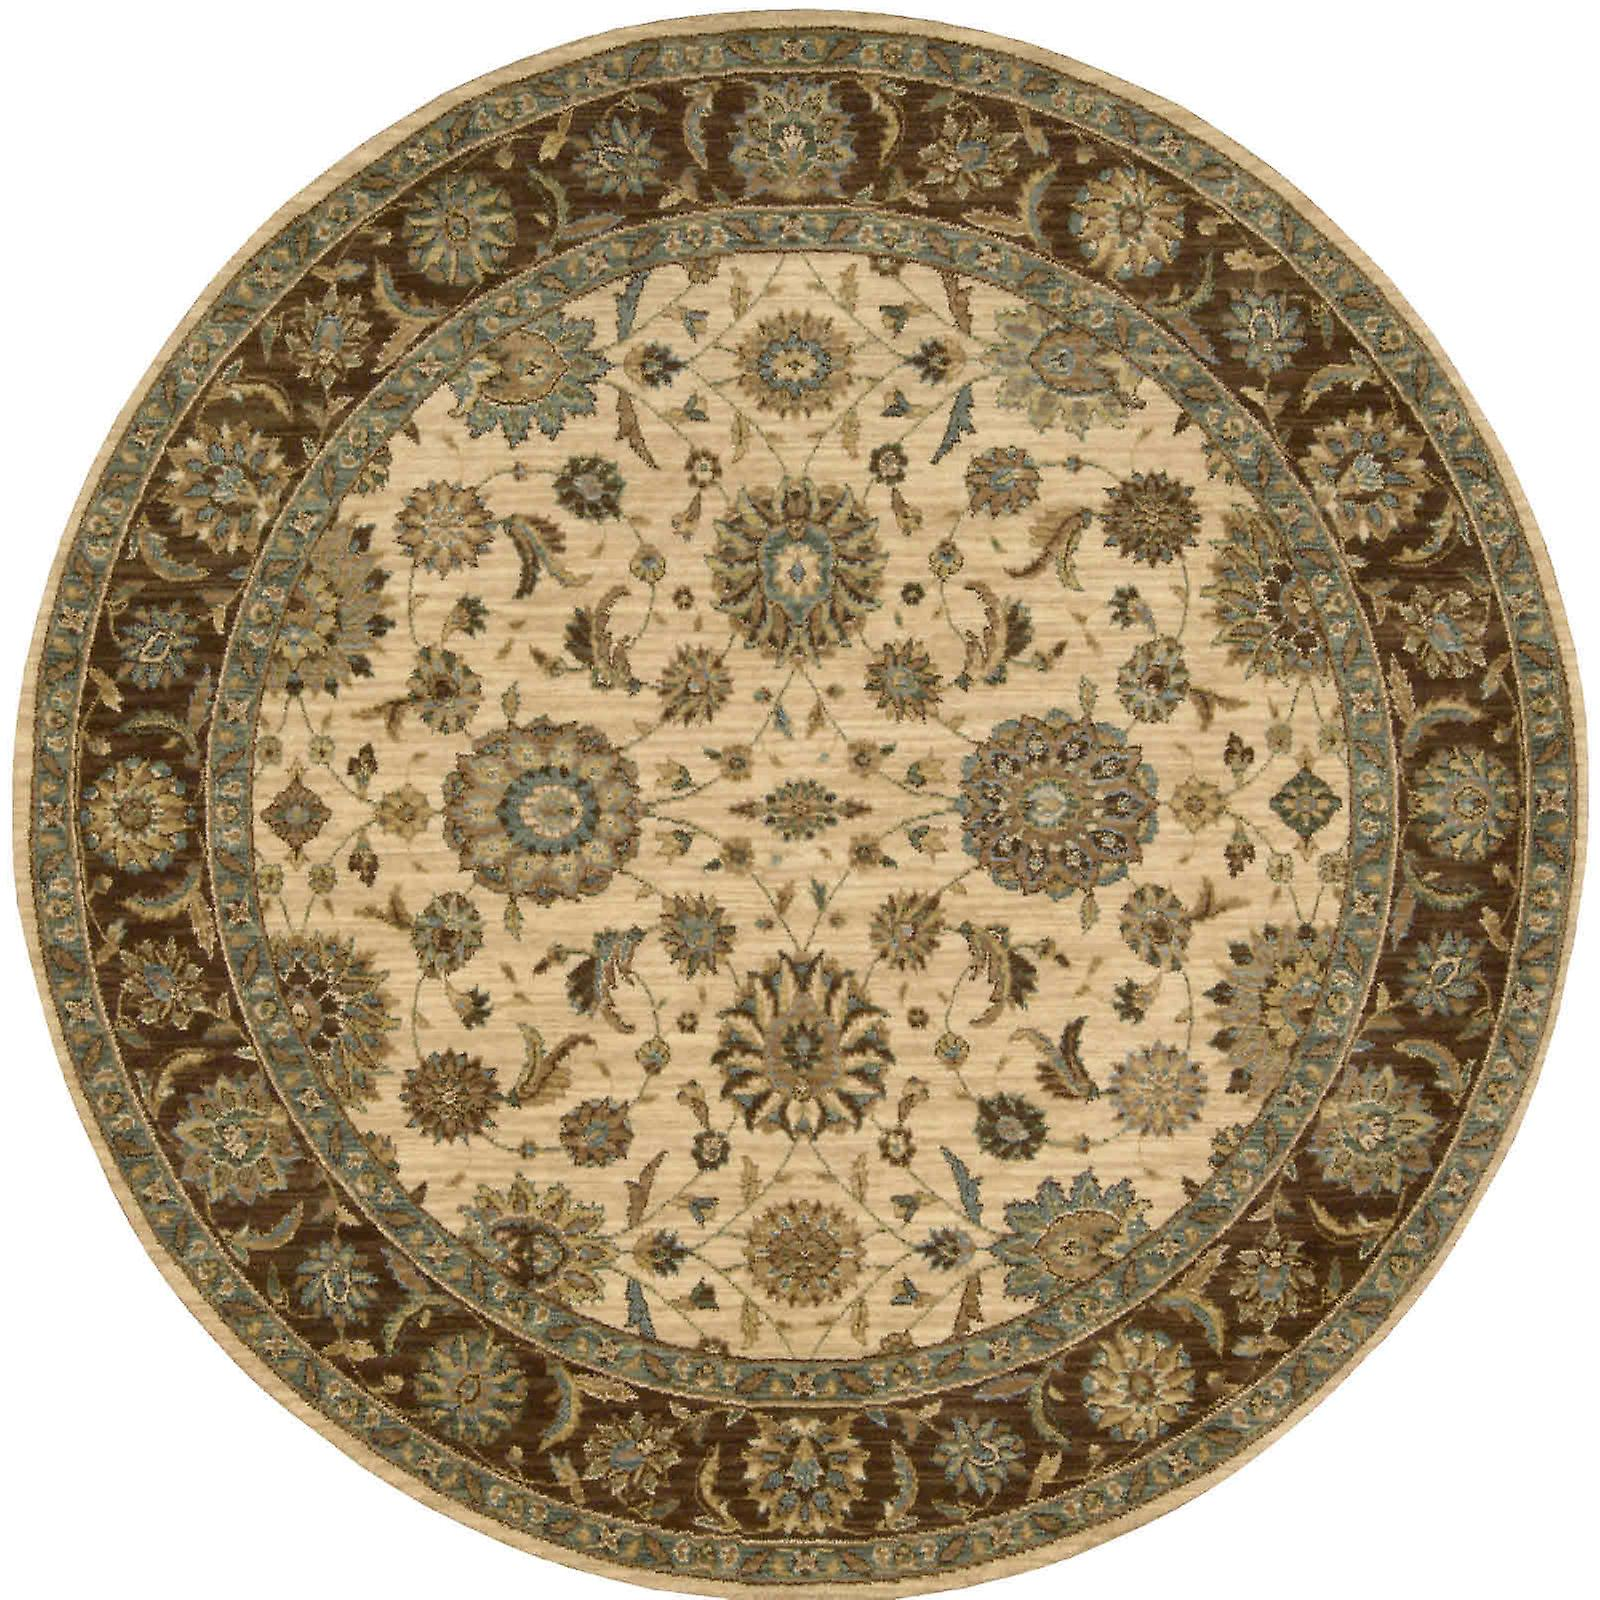 Trésor vivant circulaires Tapis par Nourison Li05 En Beige